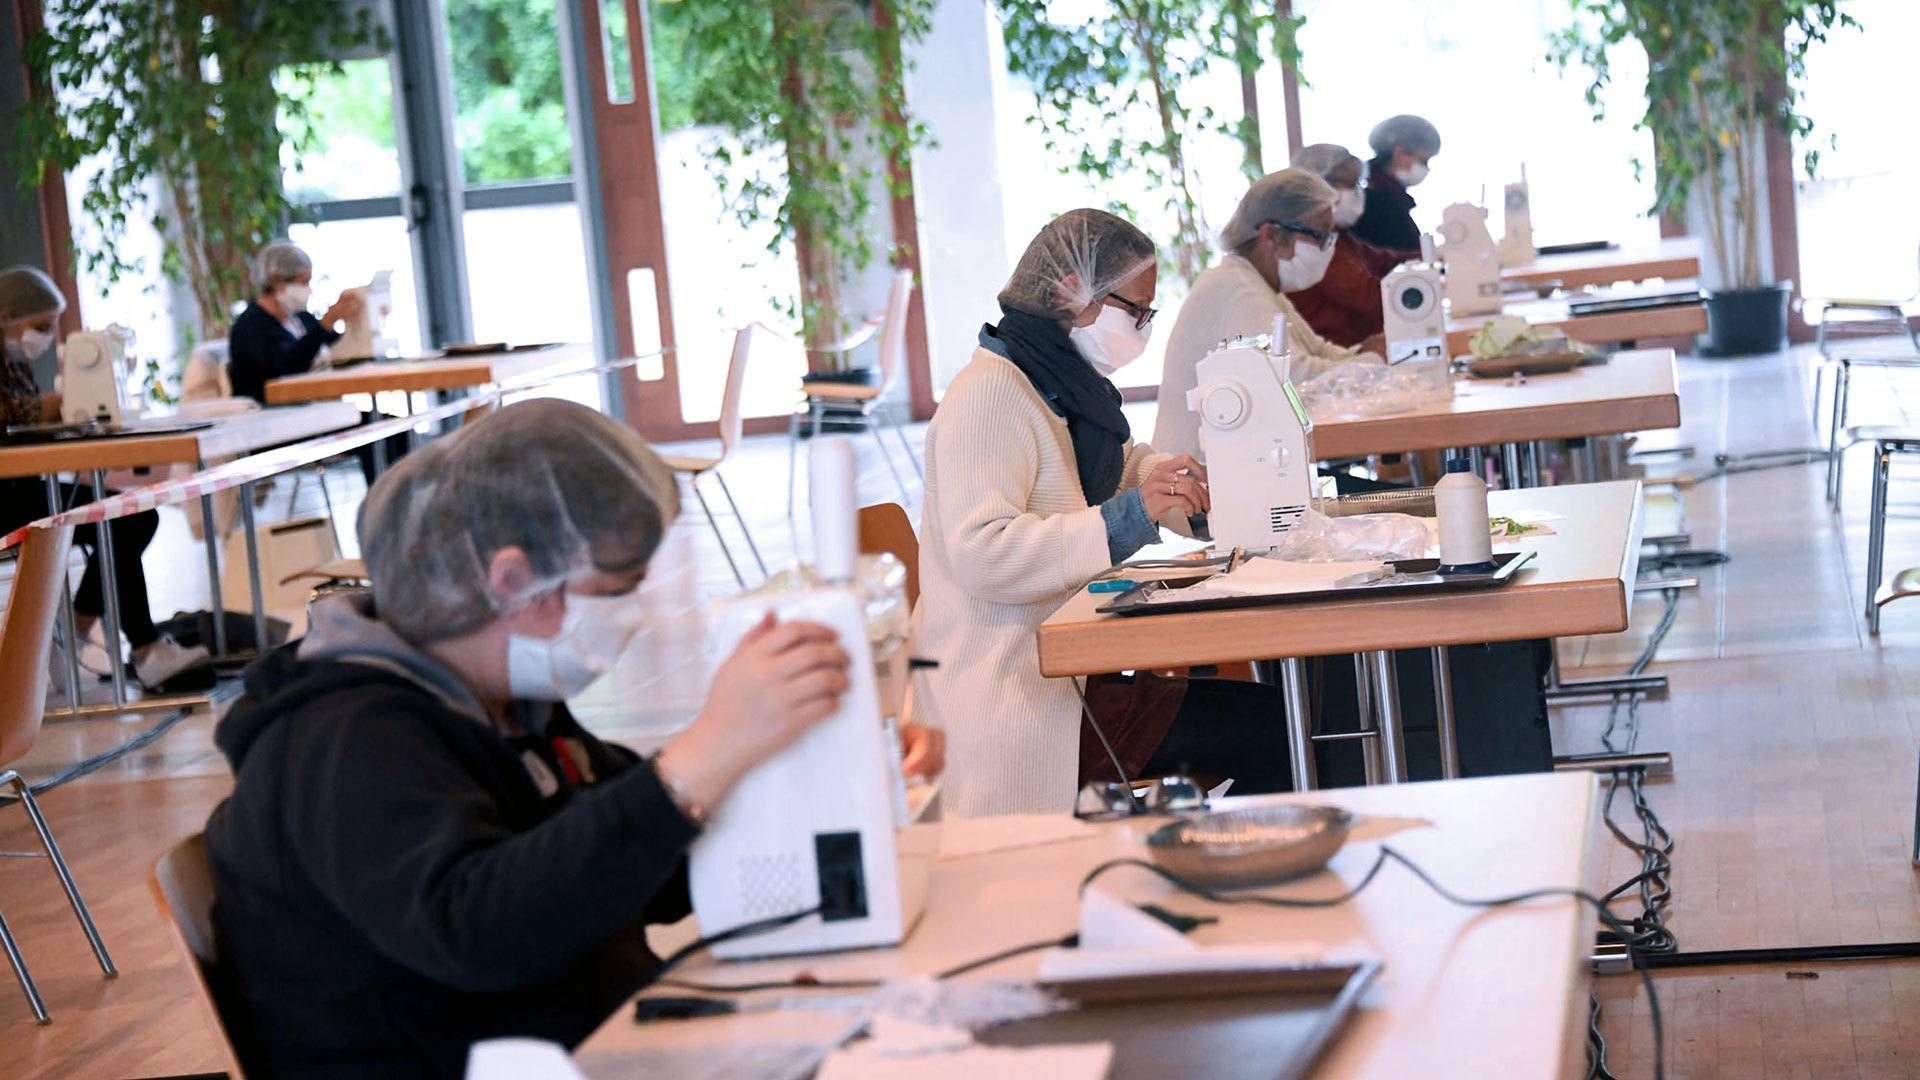 À Illzach, la capacité de l'atelier a été doublée pour accueillir toutes les bonnes volontés